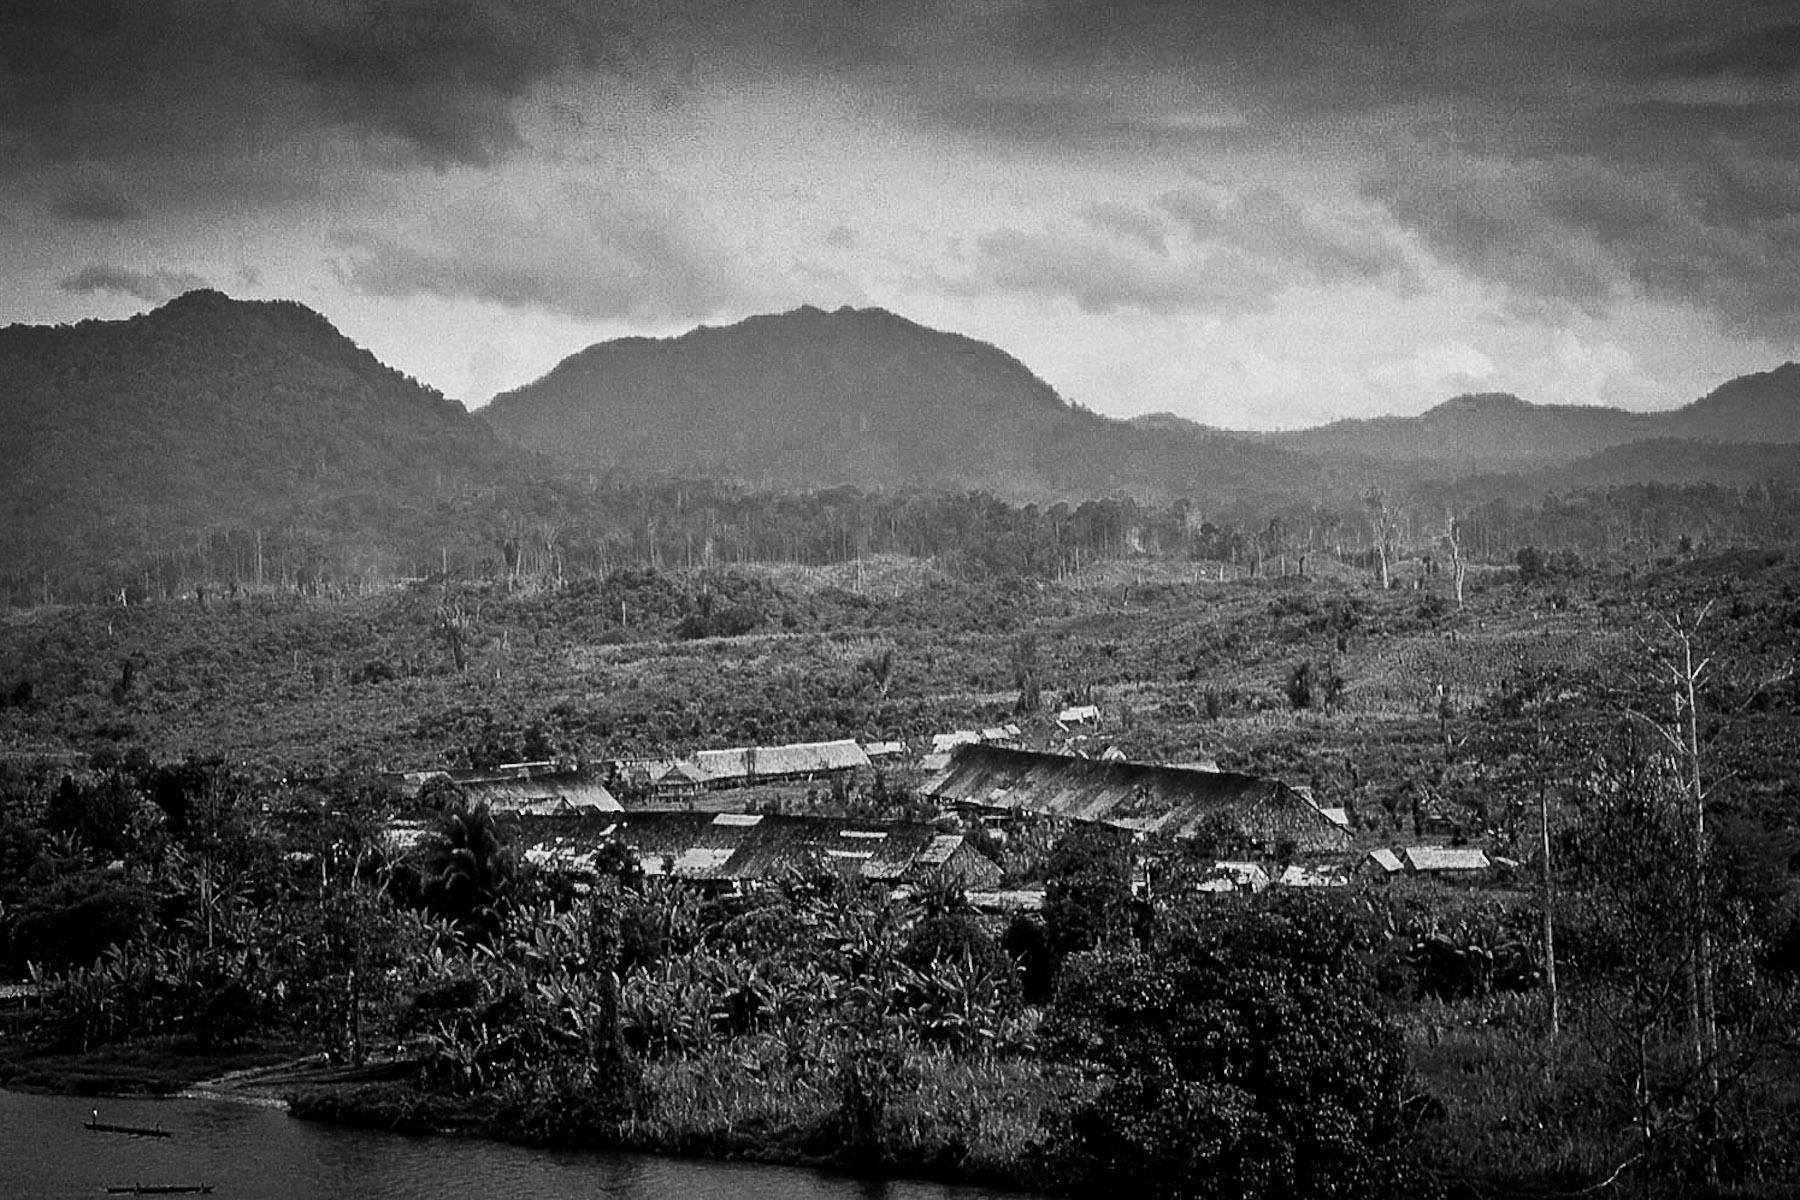 Borneo - nomuysensato